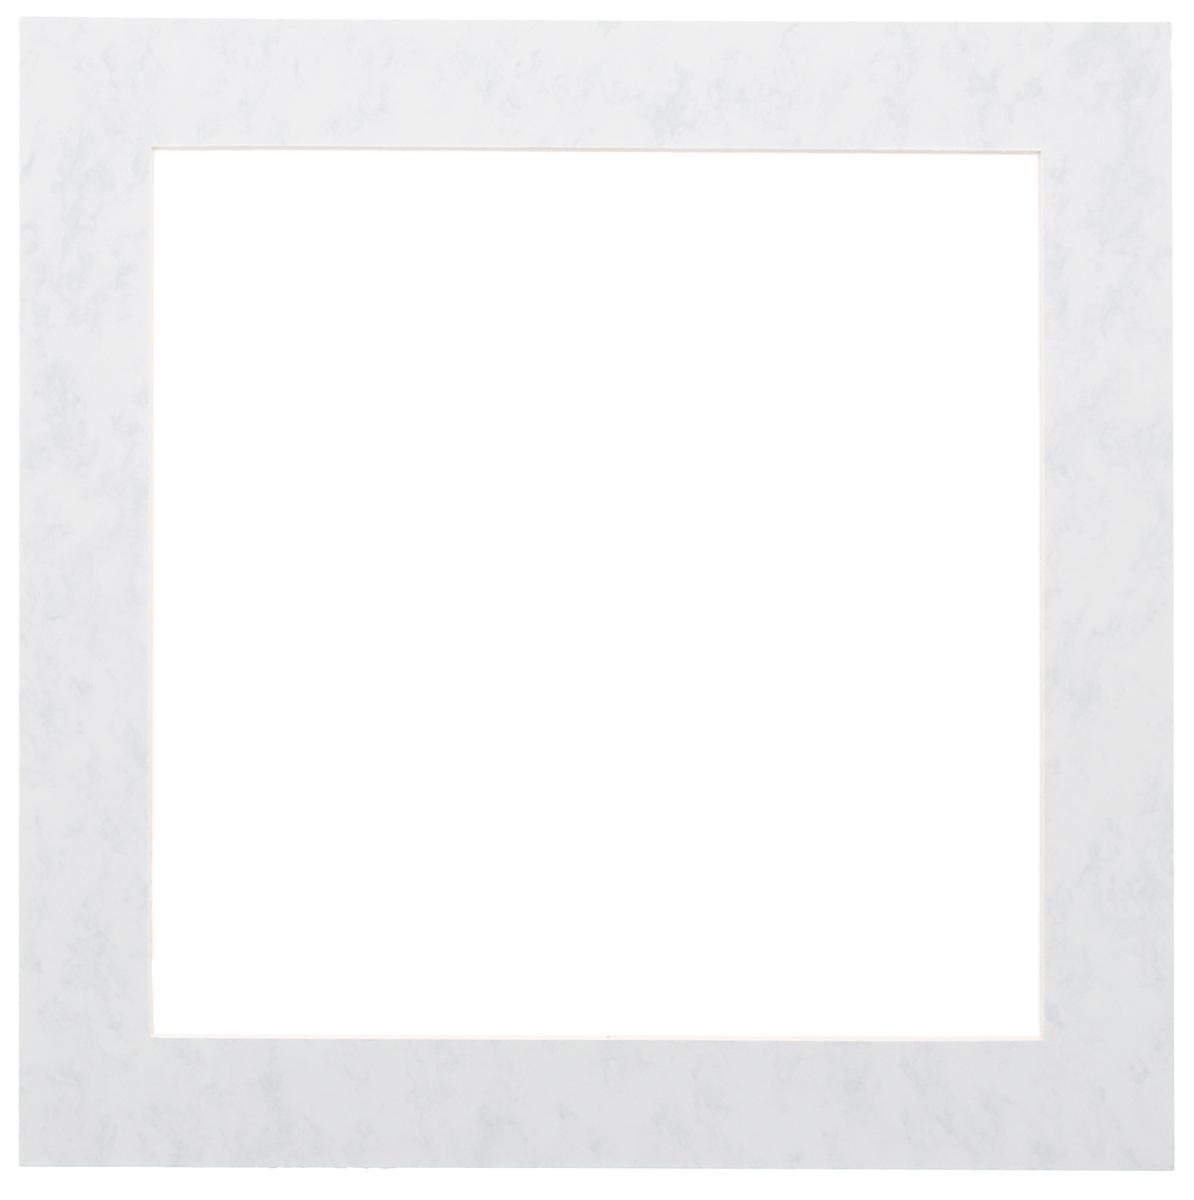 Паспарту Василиса, цвет: серо-голубой, 35 х 35 см58125Паспарту Василиса, изготовленное из плотного картона, предназначено для оформления художественных работ и фотографий. Оно располагается между багетной рамой и изображением, делая акцент на фотографии, усиливая ее визуальное восприятие. Кроме того, на паспарту часто располагают поясняющие подписи, автограф изображенного. Внешний размер: 35 х 35 см. Внутренний размер: 27 х 27 см.